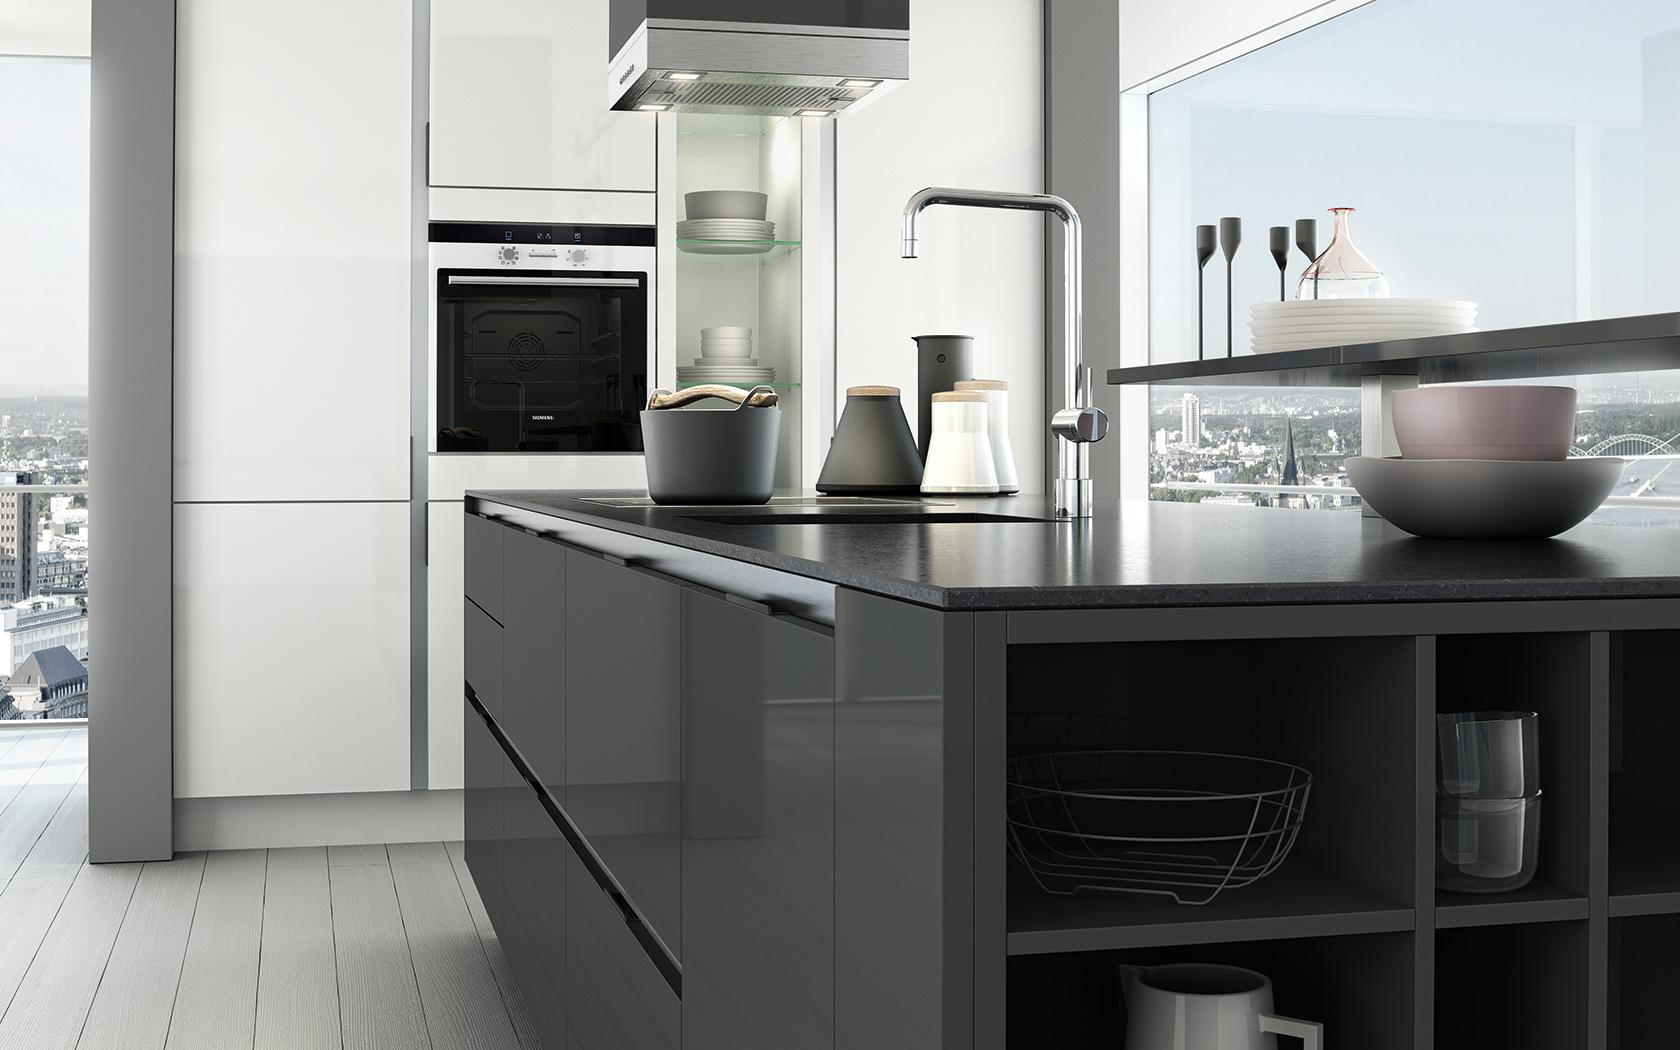 Gemakkelijk Cvt Keukens : Nieuwe siematic s keuken vindt u bij nieuwenhuis keukens